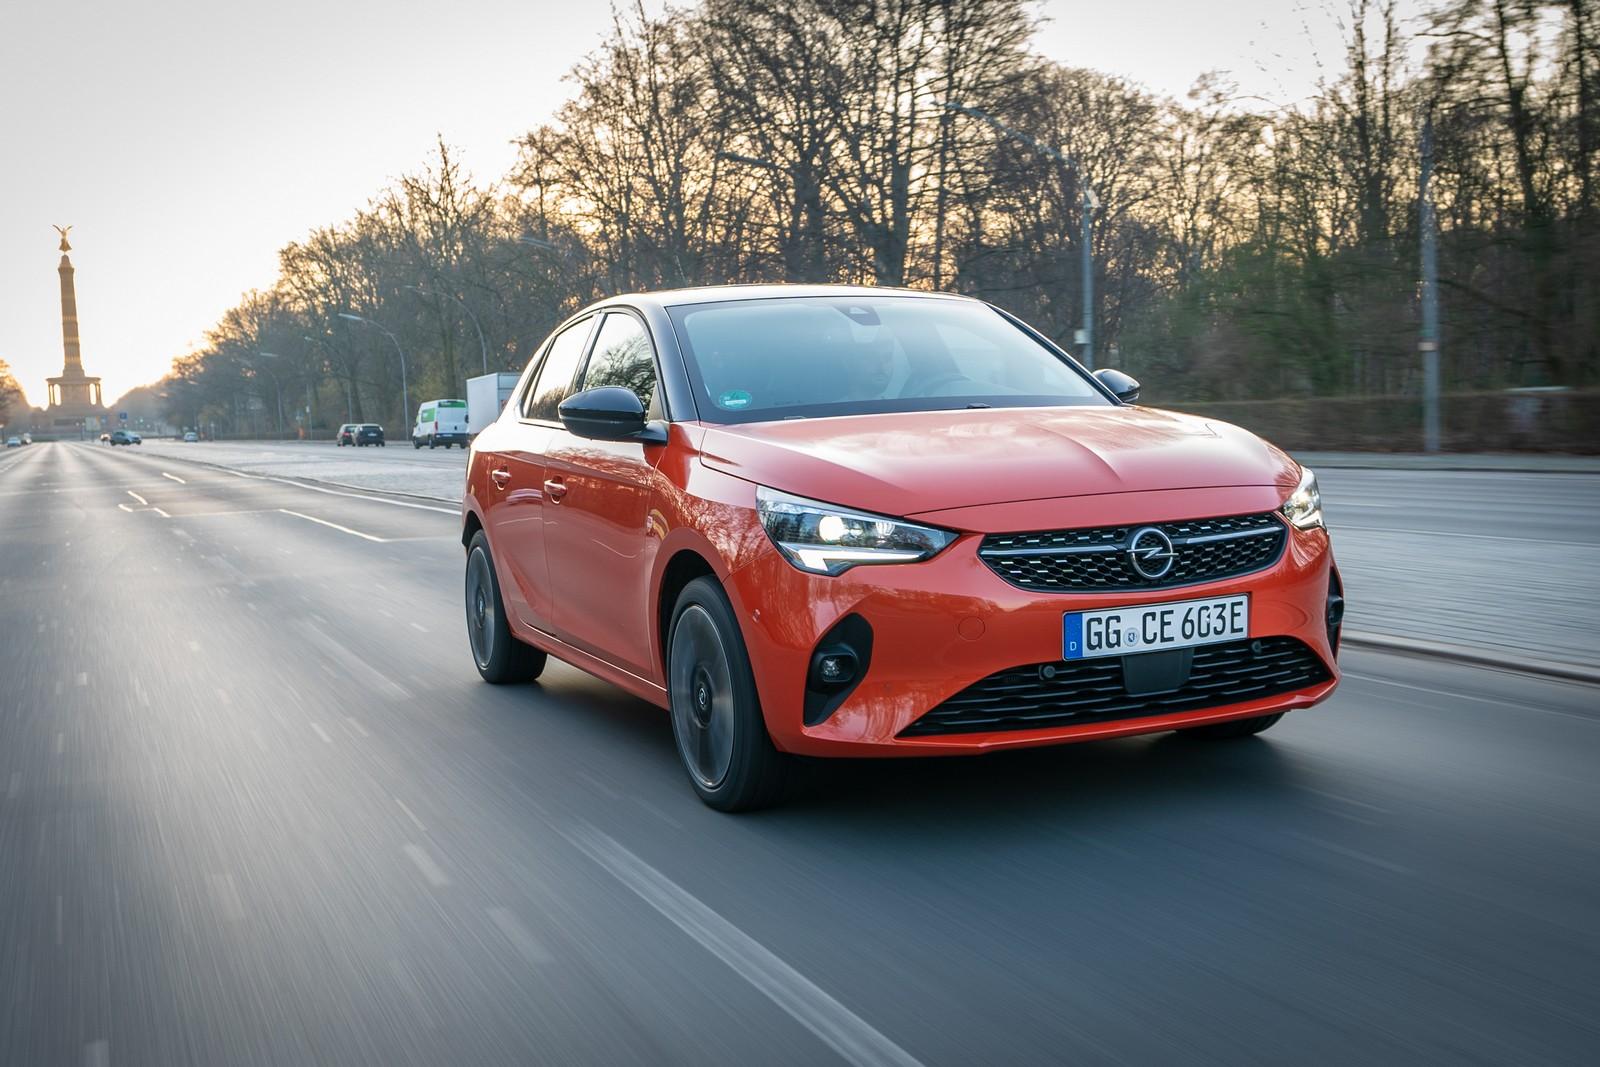 Promozioni Opel Corsa gennaio 2021: offerte su Corsa e Corsa-e